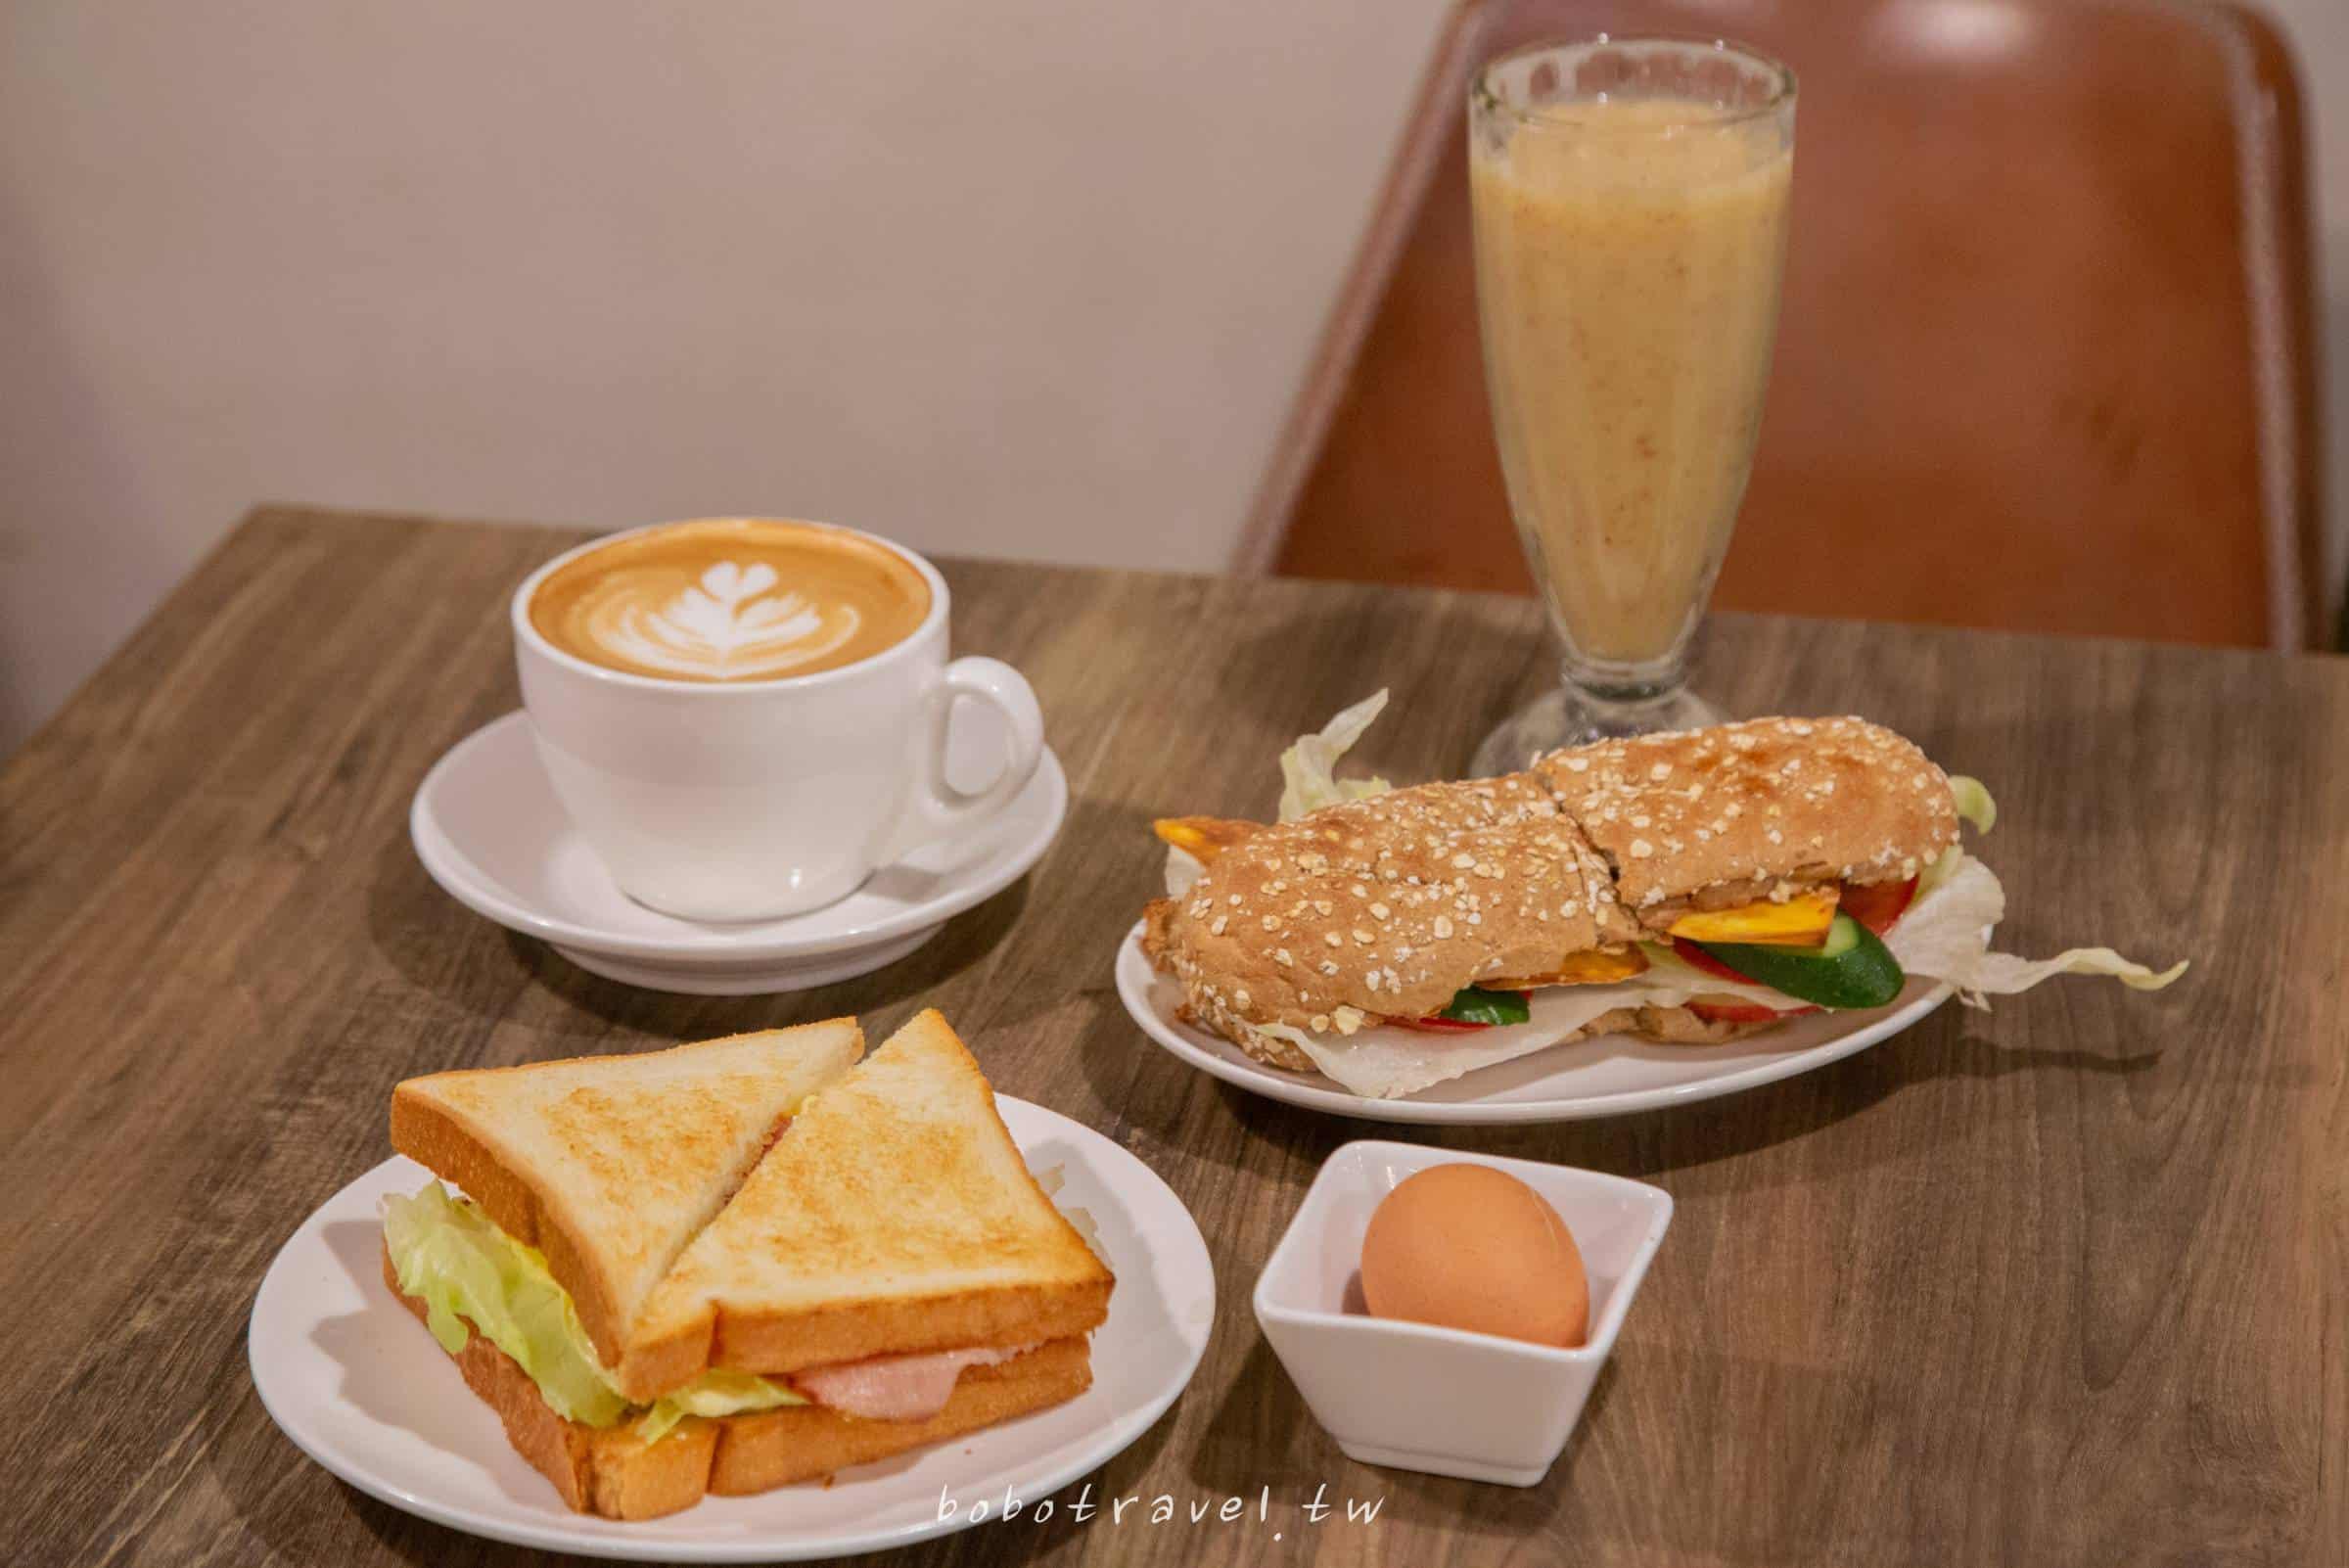 一齊享食間、行天宮站美食|台北中山區清新風格不限時早午餐,分享早晨美好時光